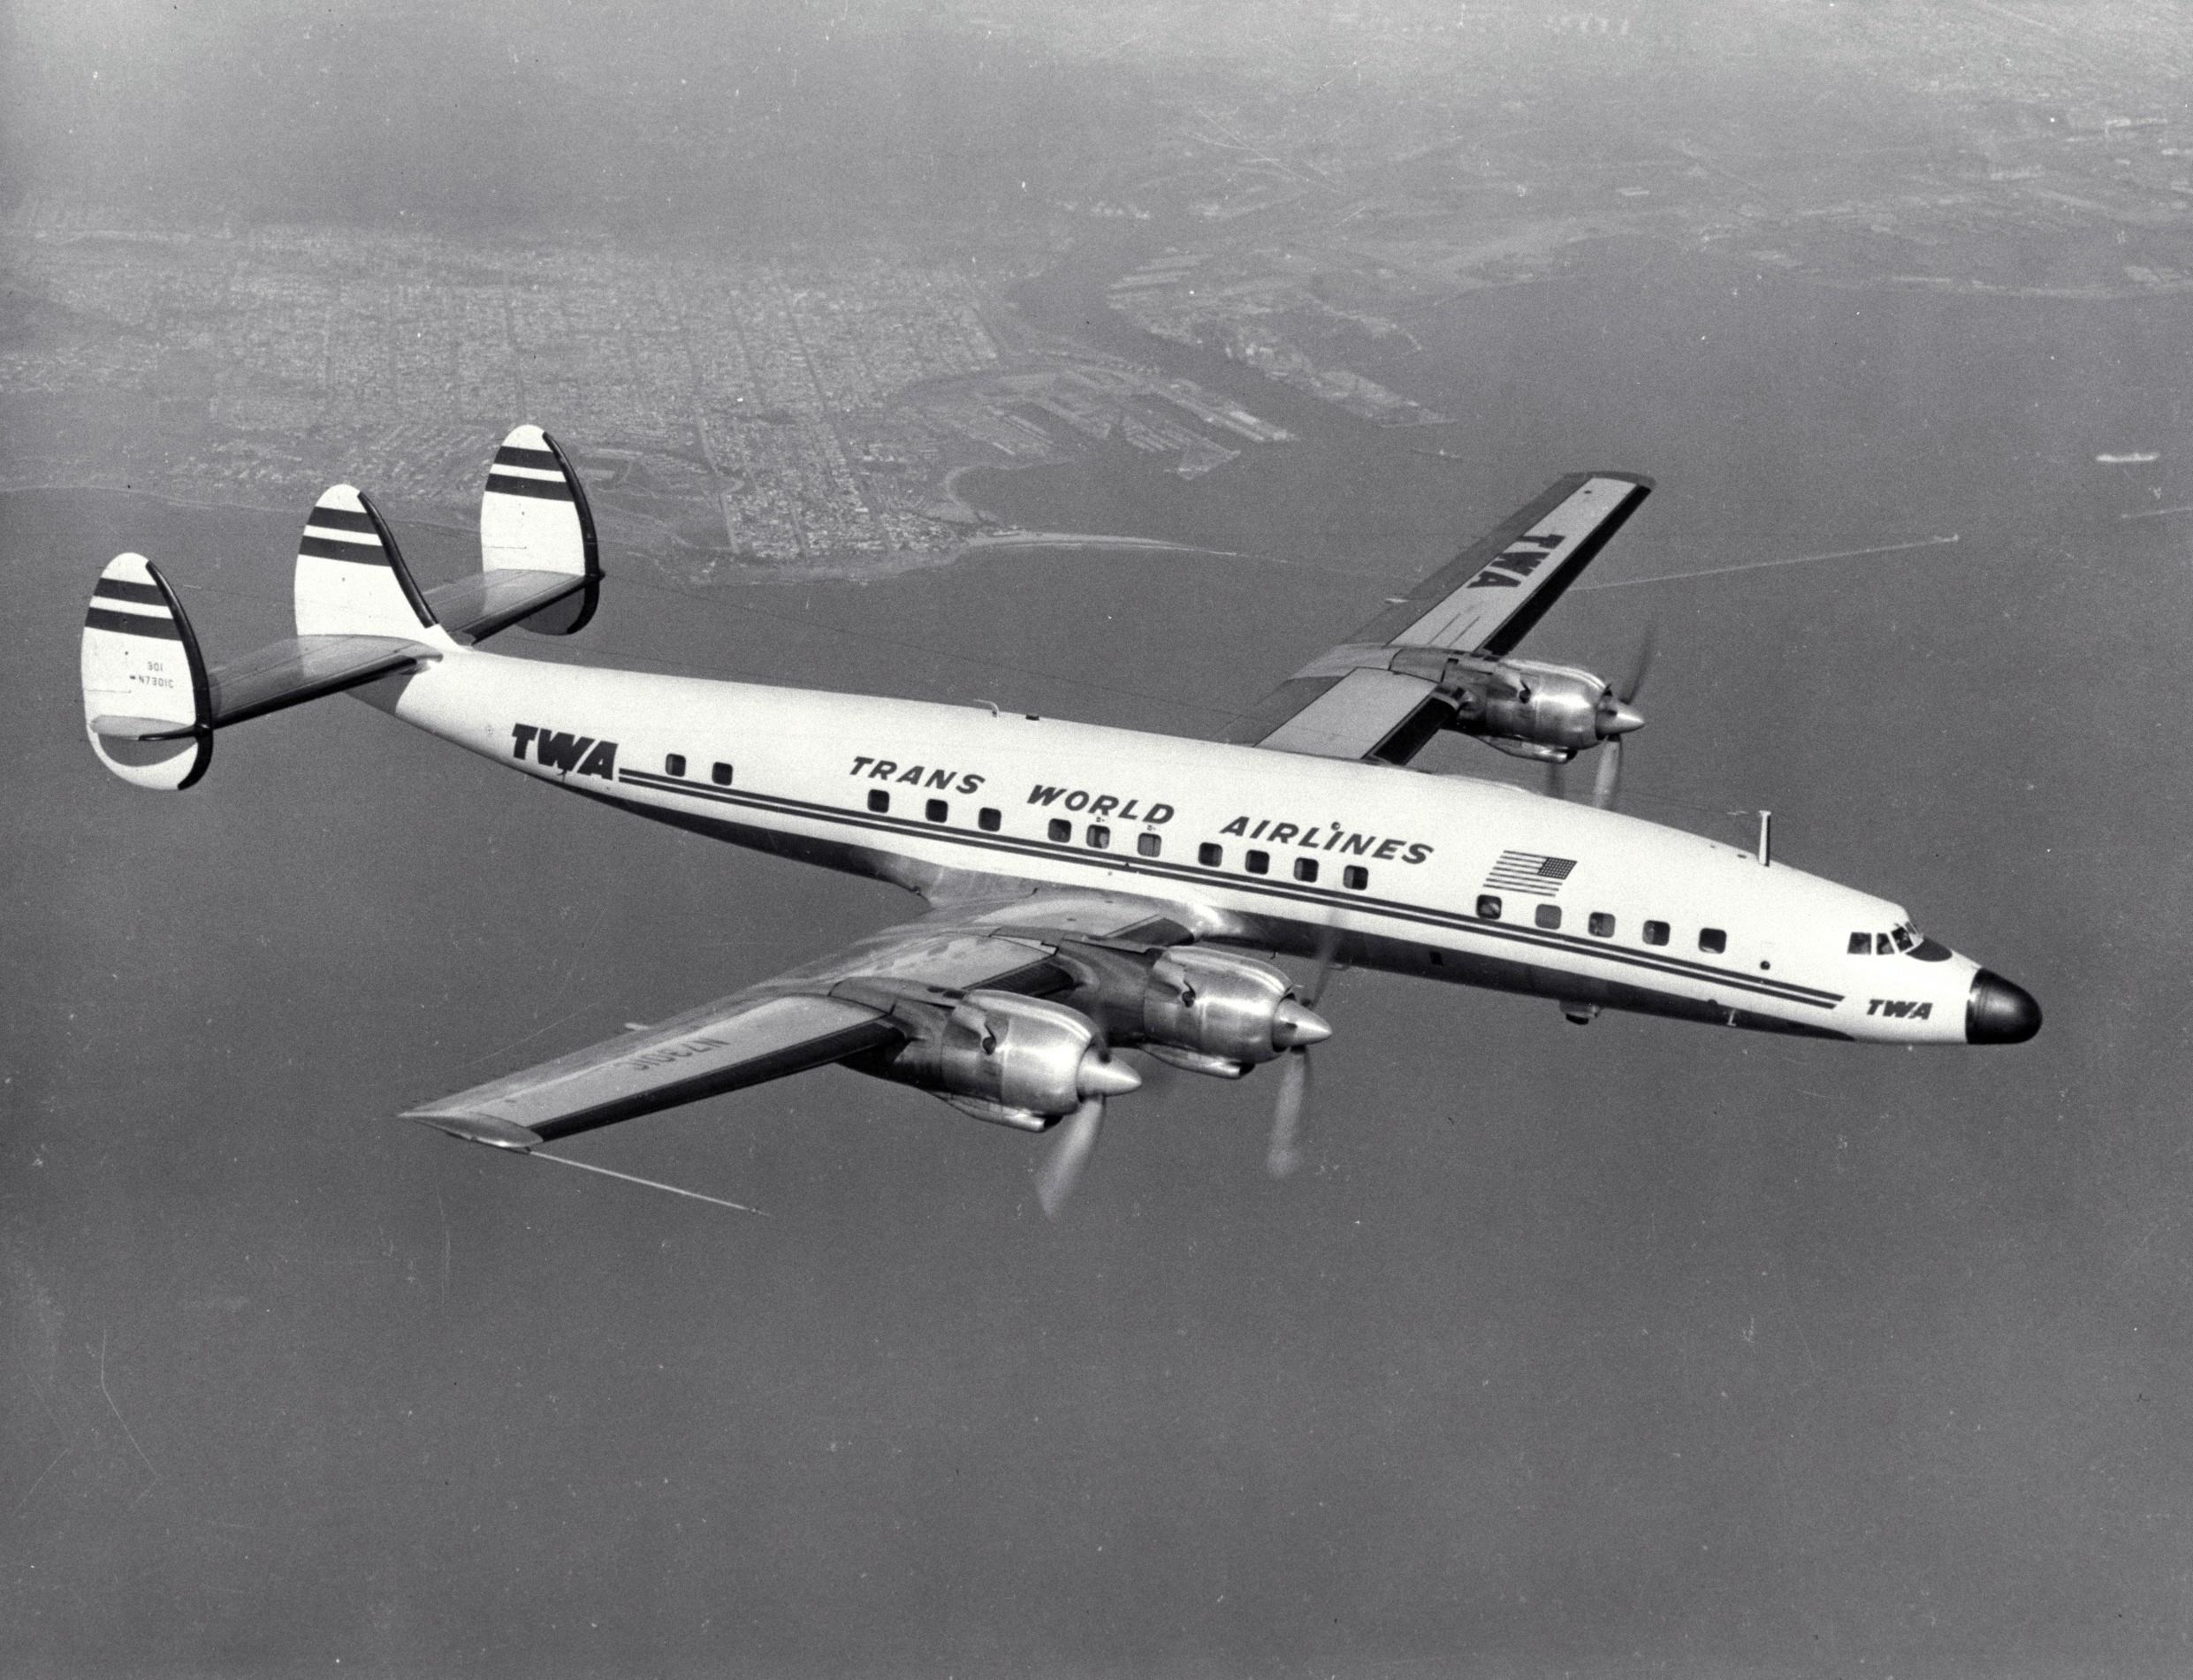 Lockheed Martin Aktie Analyse Constellation Starliner